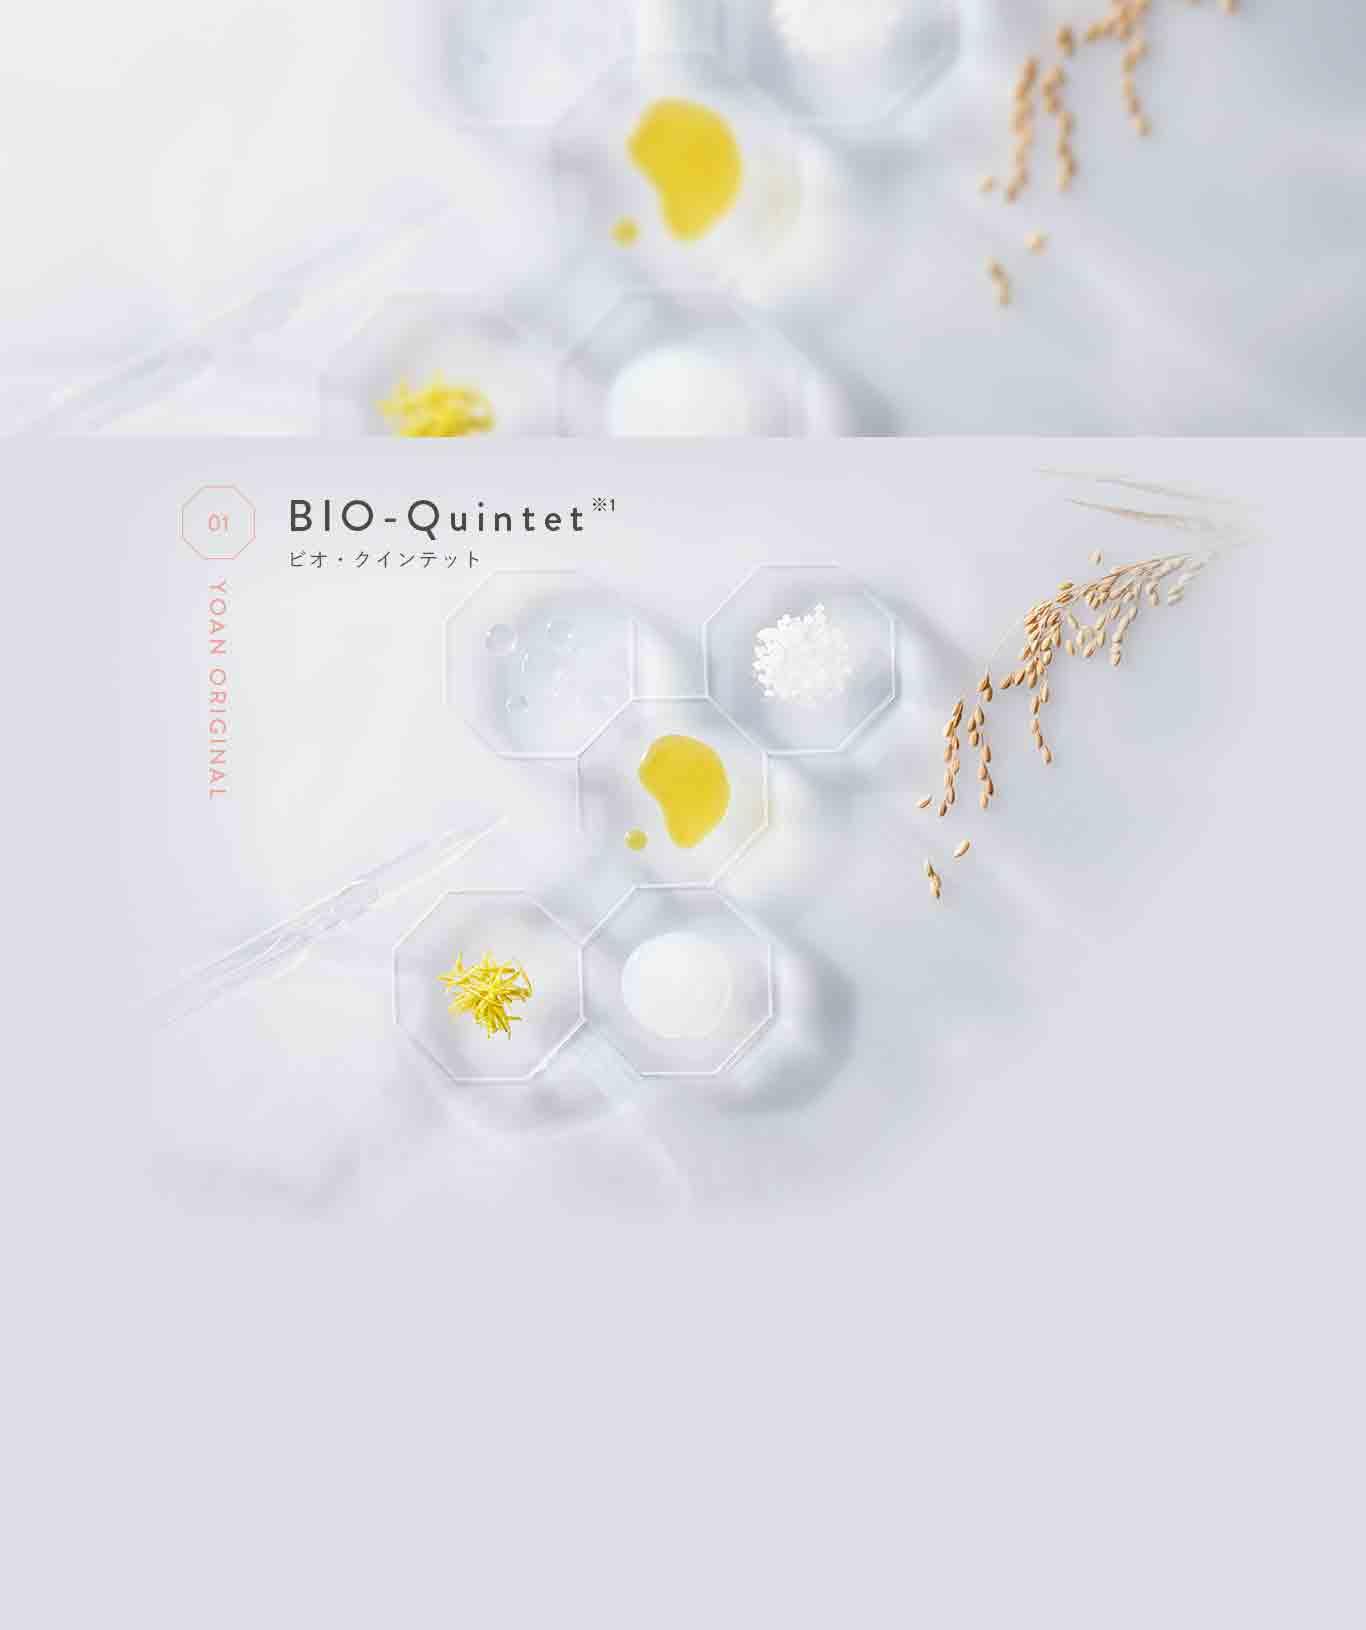 BIO-Quintet ビオ・クインテット